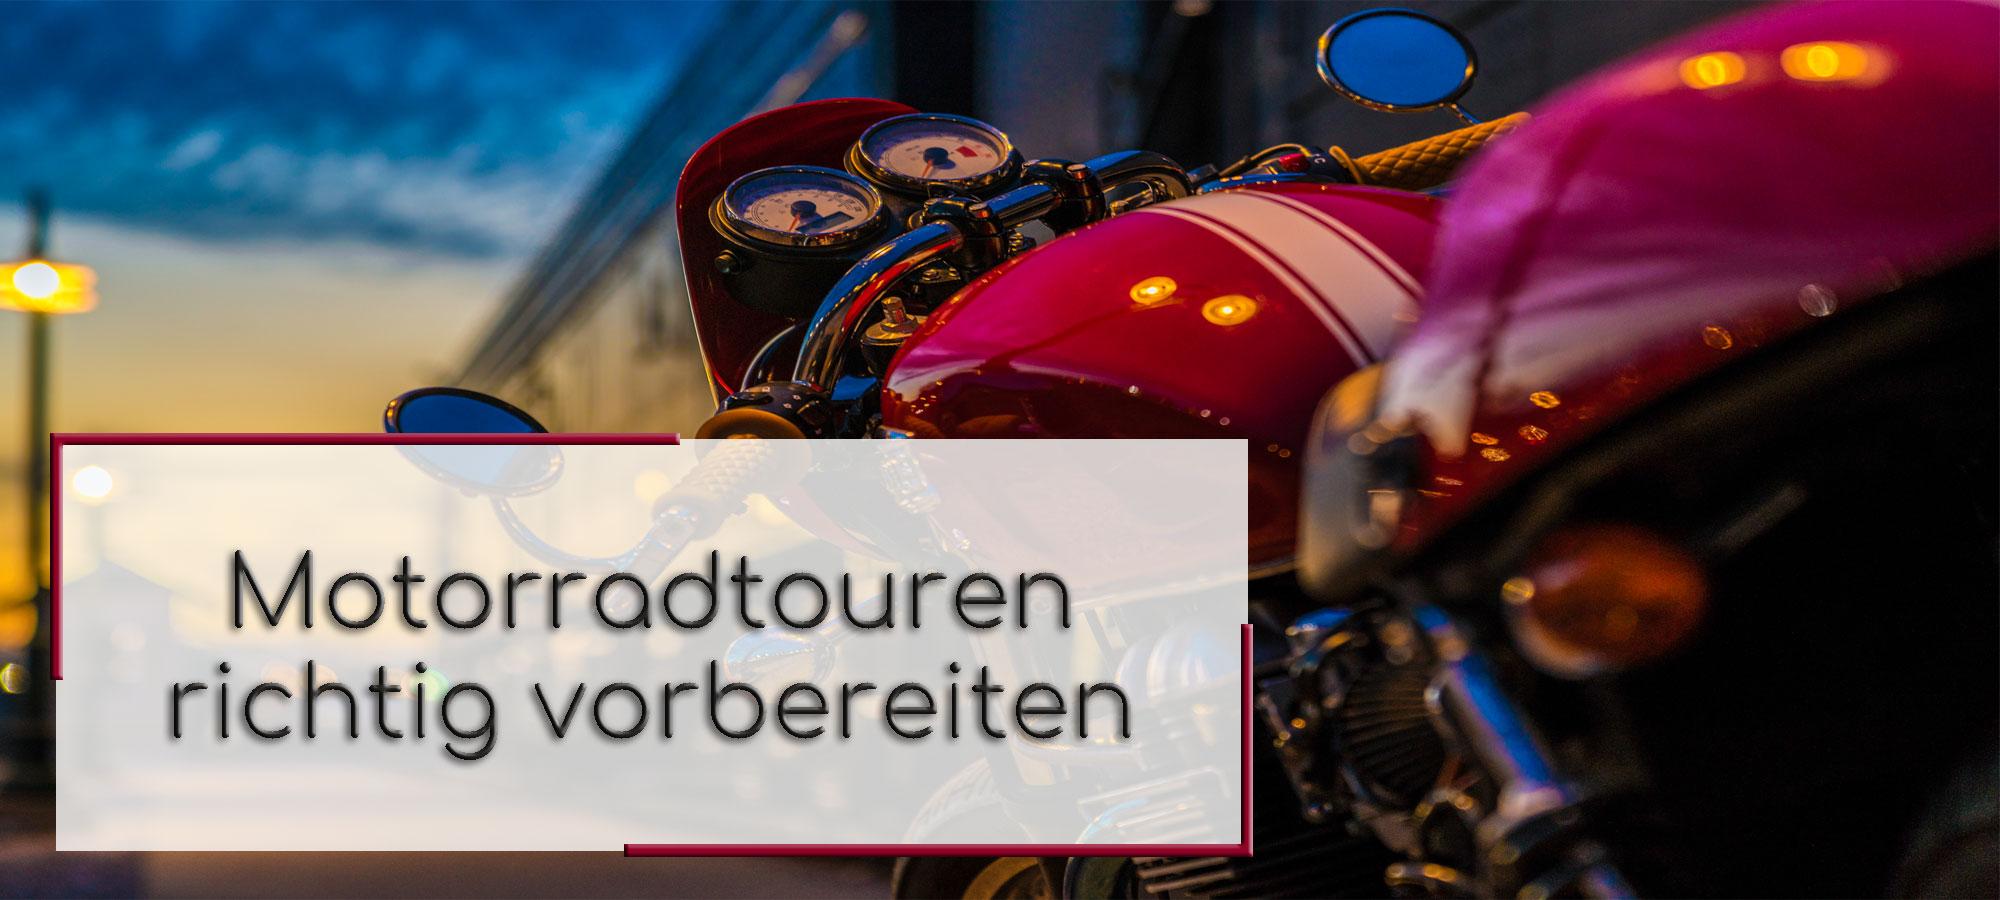 Titelbild mit einem roten Motorrad in der Abenddämmerung. Im Textfeld steht geschrieben: Motorradtouren richtig vorbereiten.